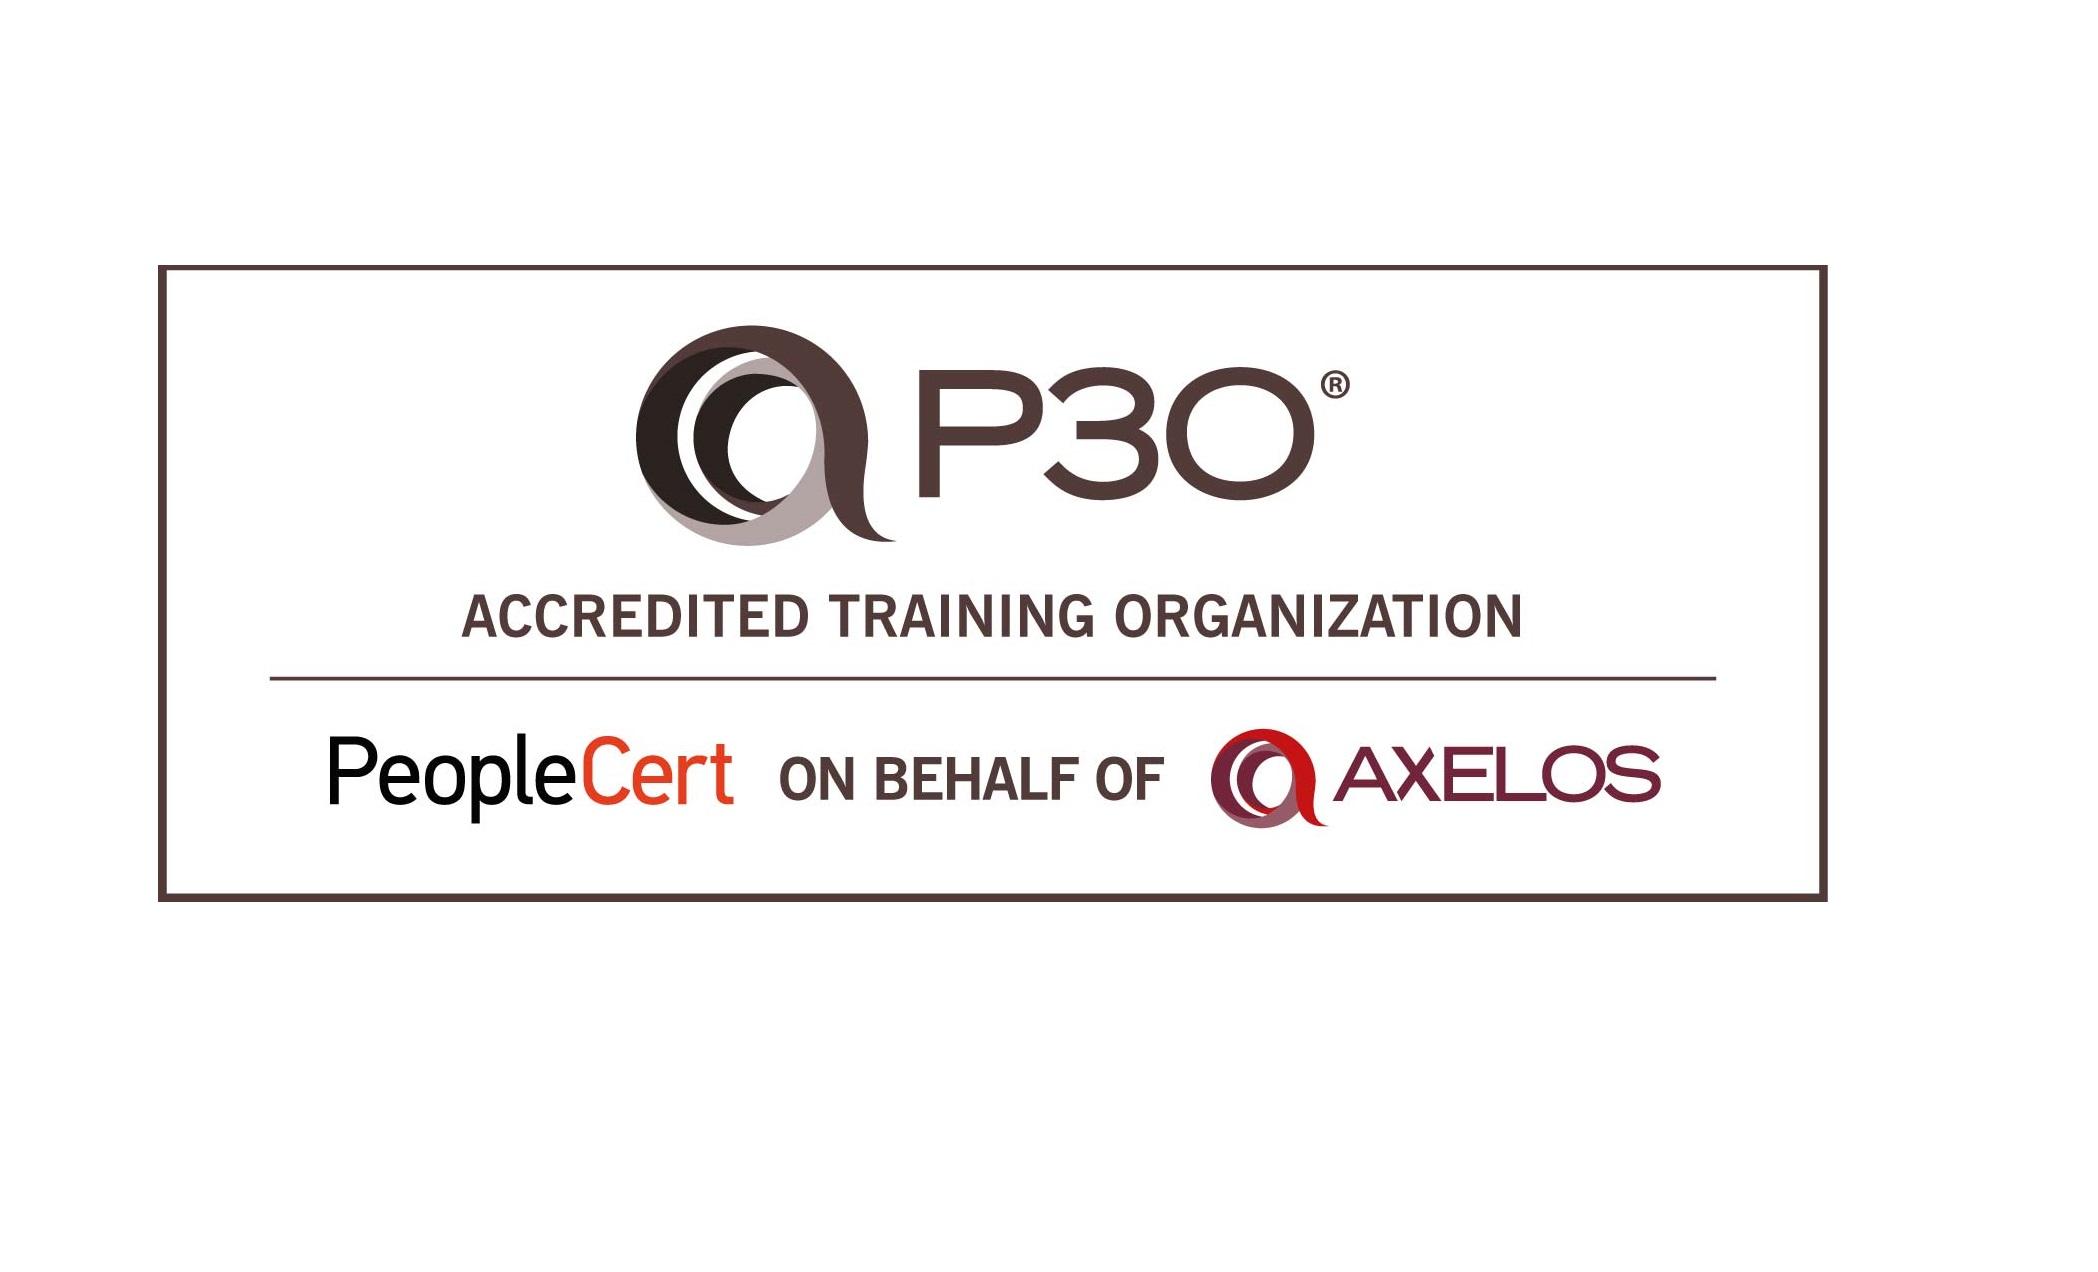 Szkolenie P3O® Foundation - szkolenie akredytowane